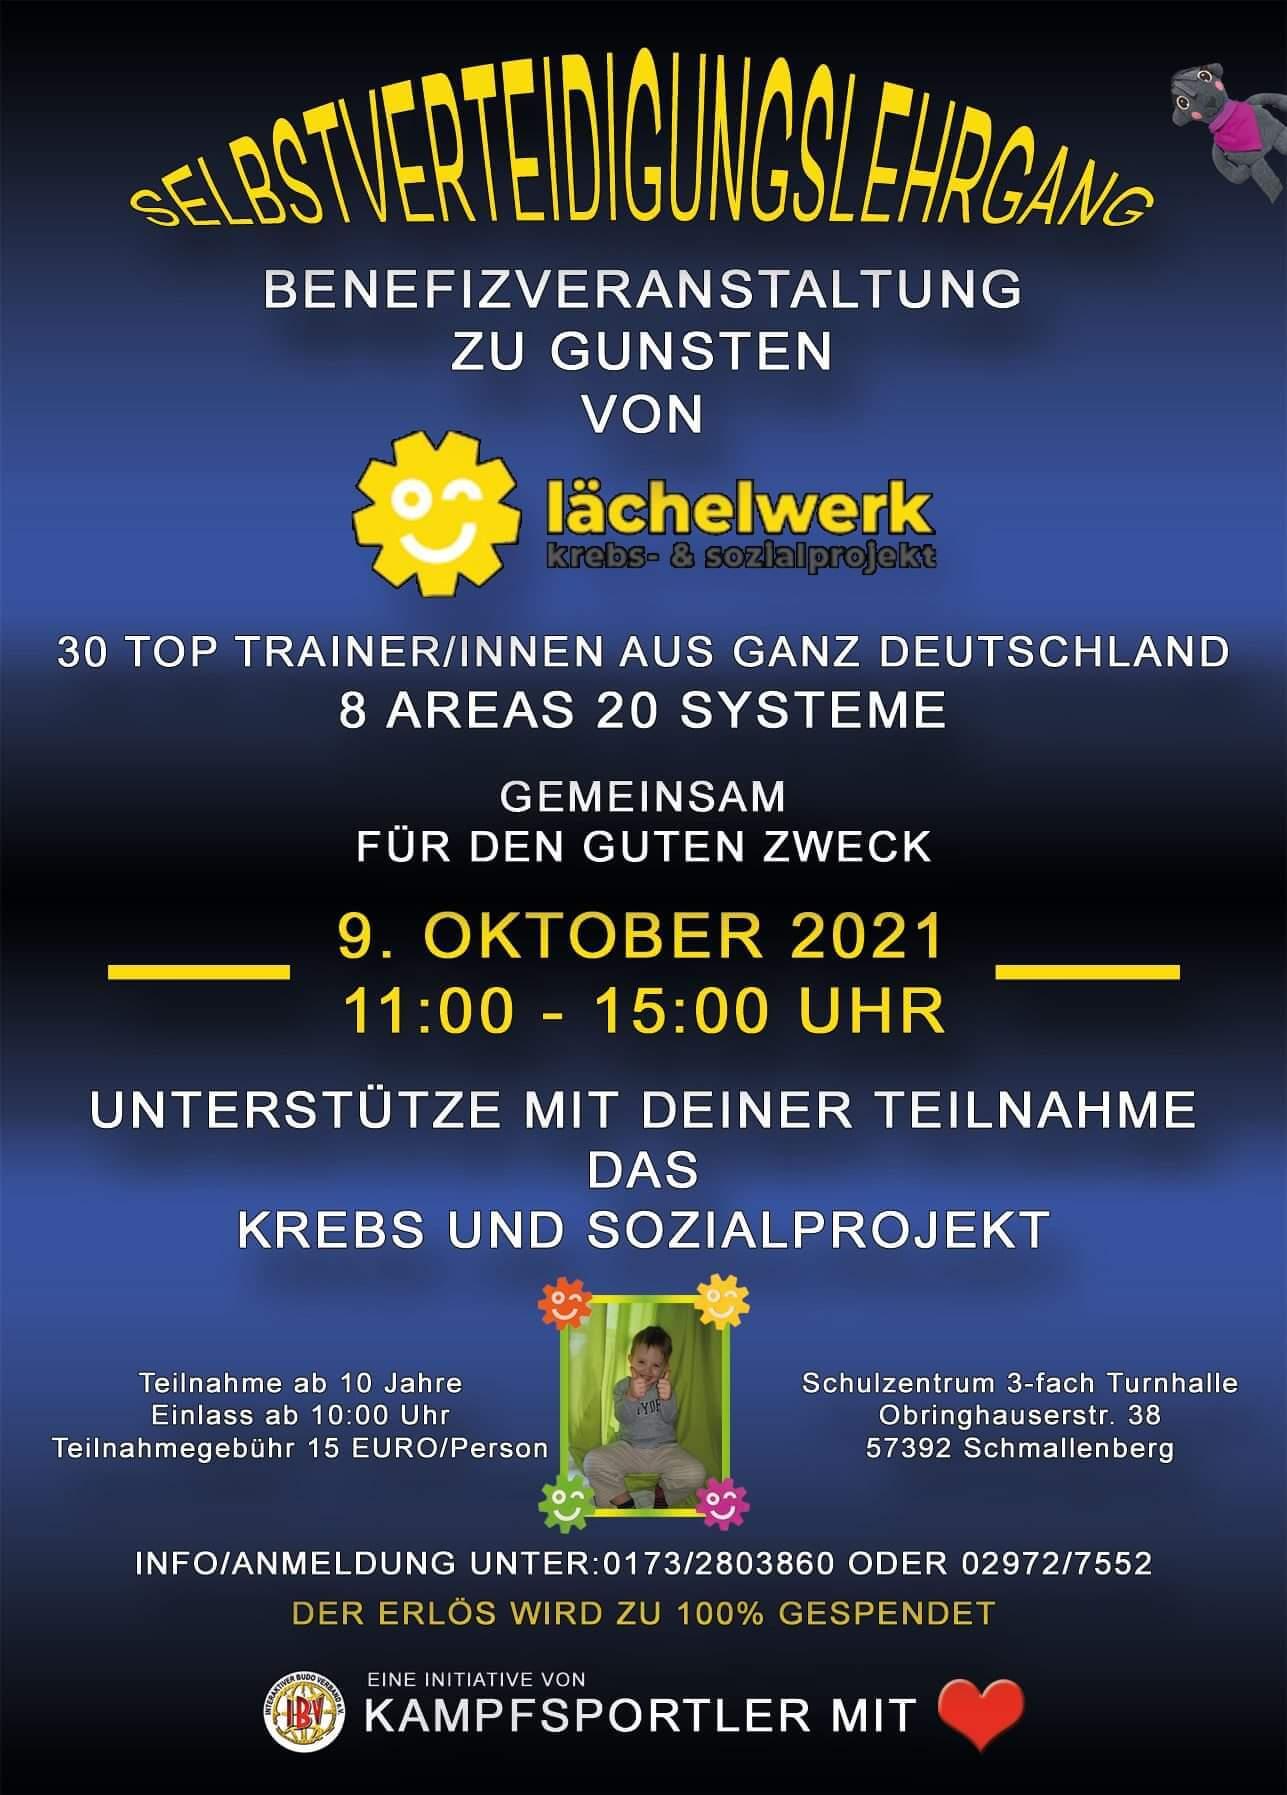 Selbstverteidigungslehrgang – Benefitzveranstaltung zu Gunsten des Krebs- und Sozialprojekts Lächelwerk e.V. in Schmallenberg (2)